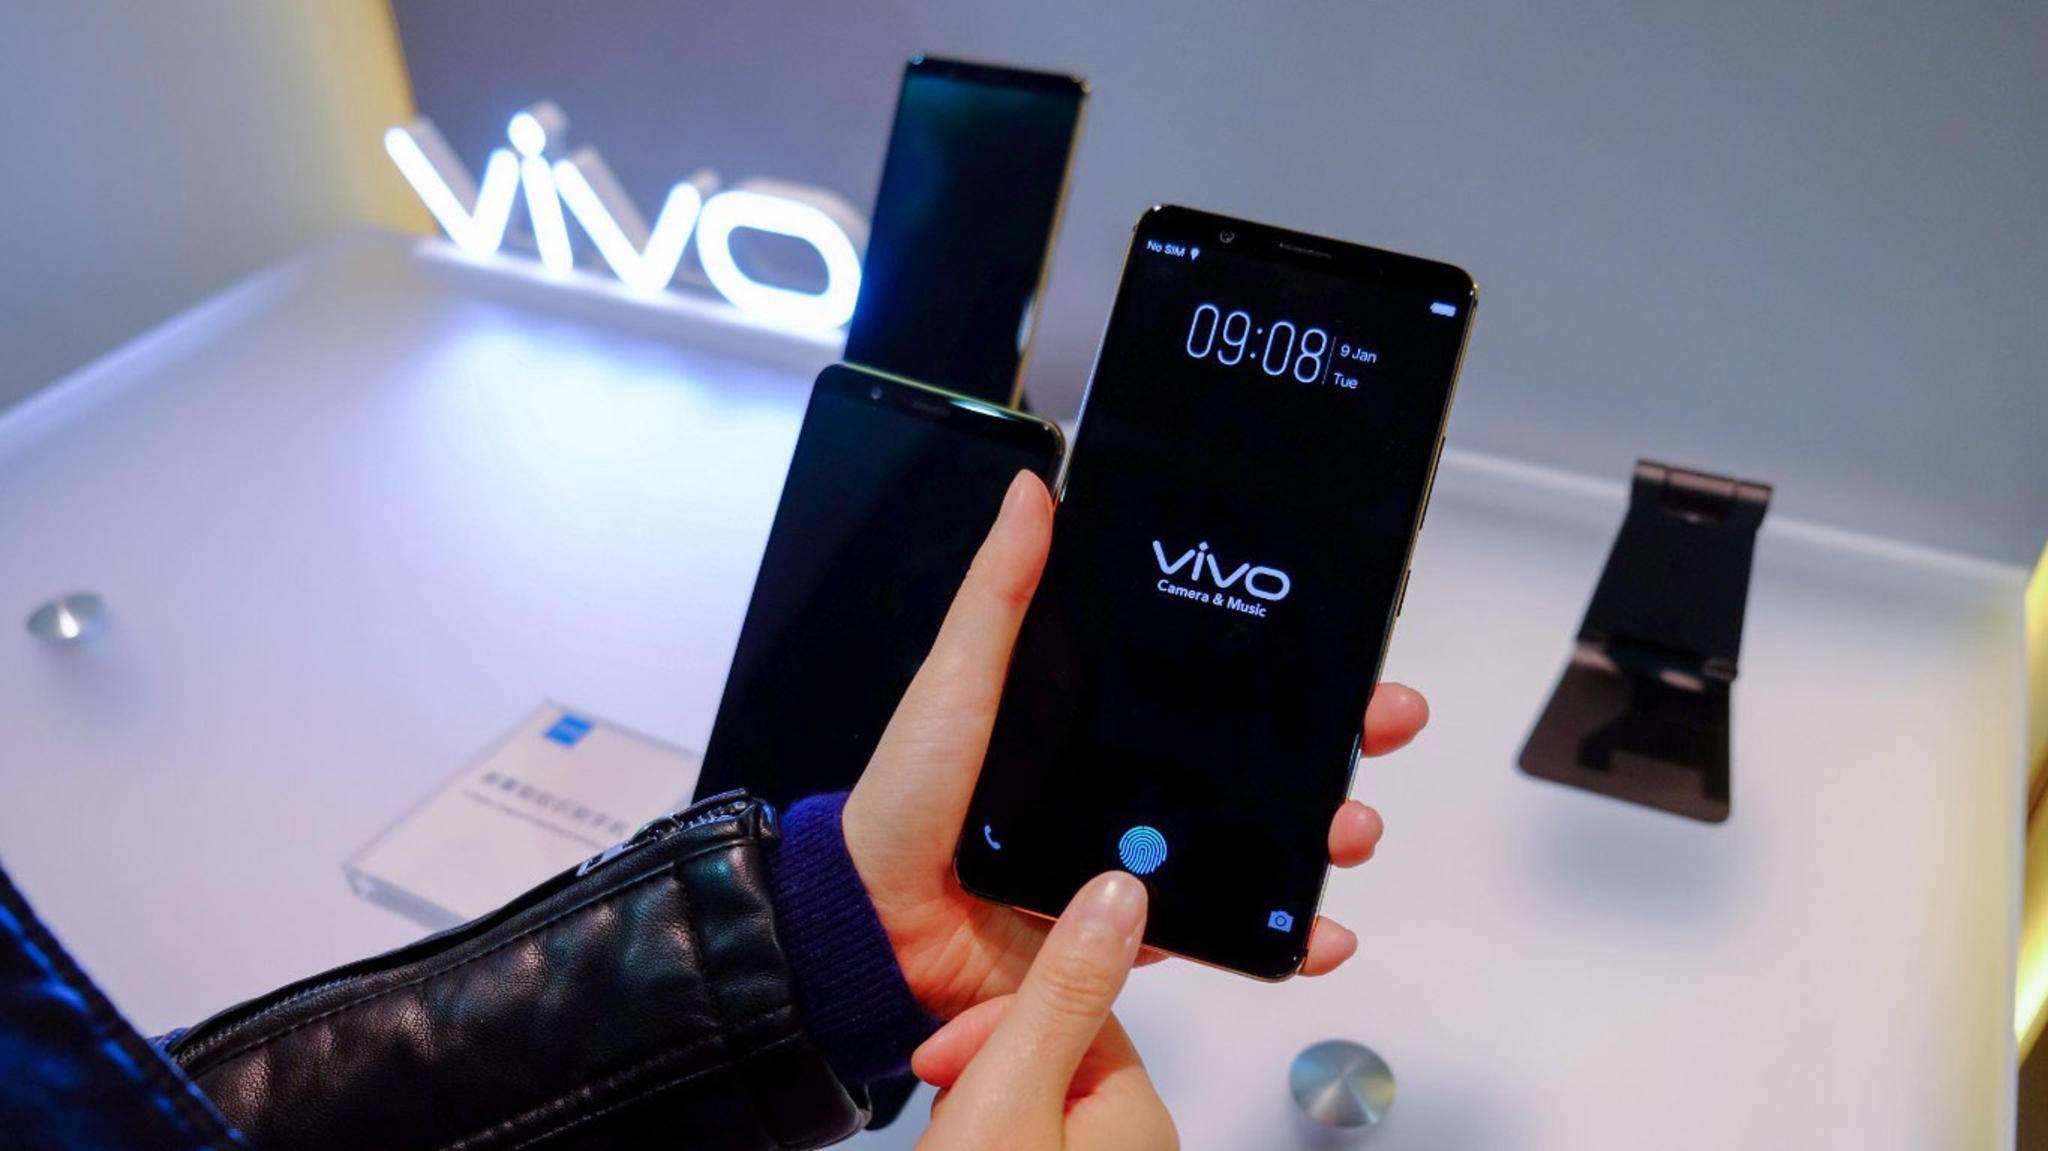 Ein Fingerabdrucksensor direkt im Bildschirm: Dieses Vivo-Smartphone hat bereits die neue Technik integriert.